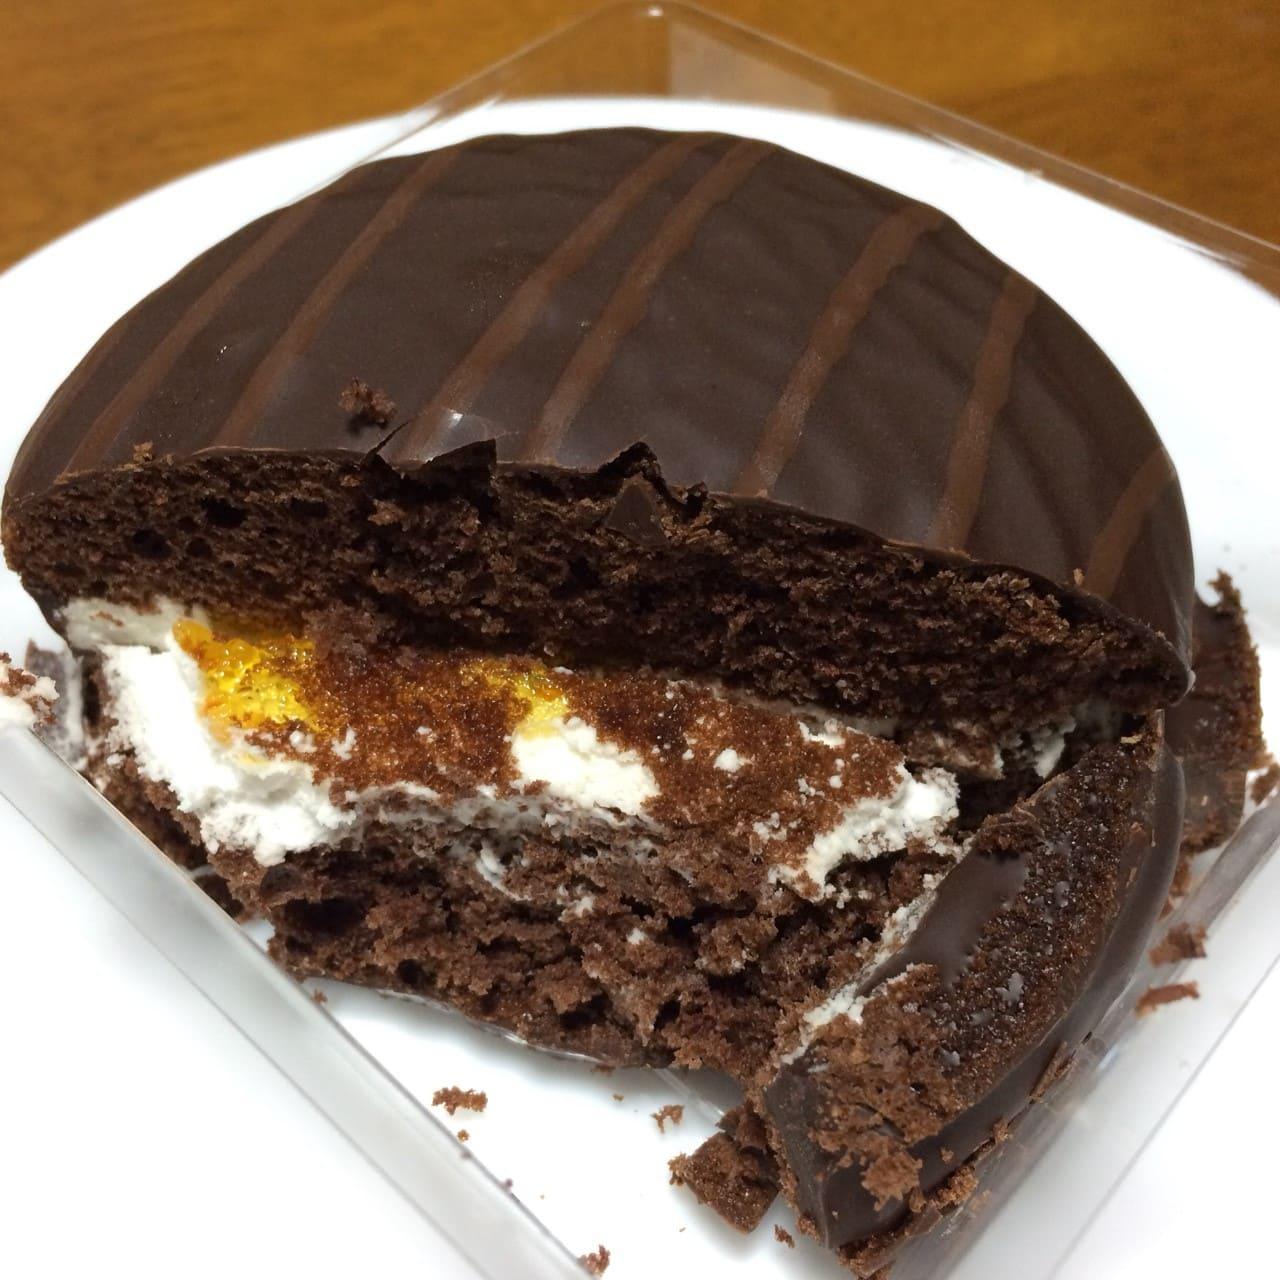 濃厚ショコラサンド断面2